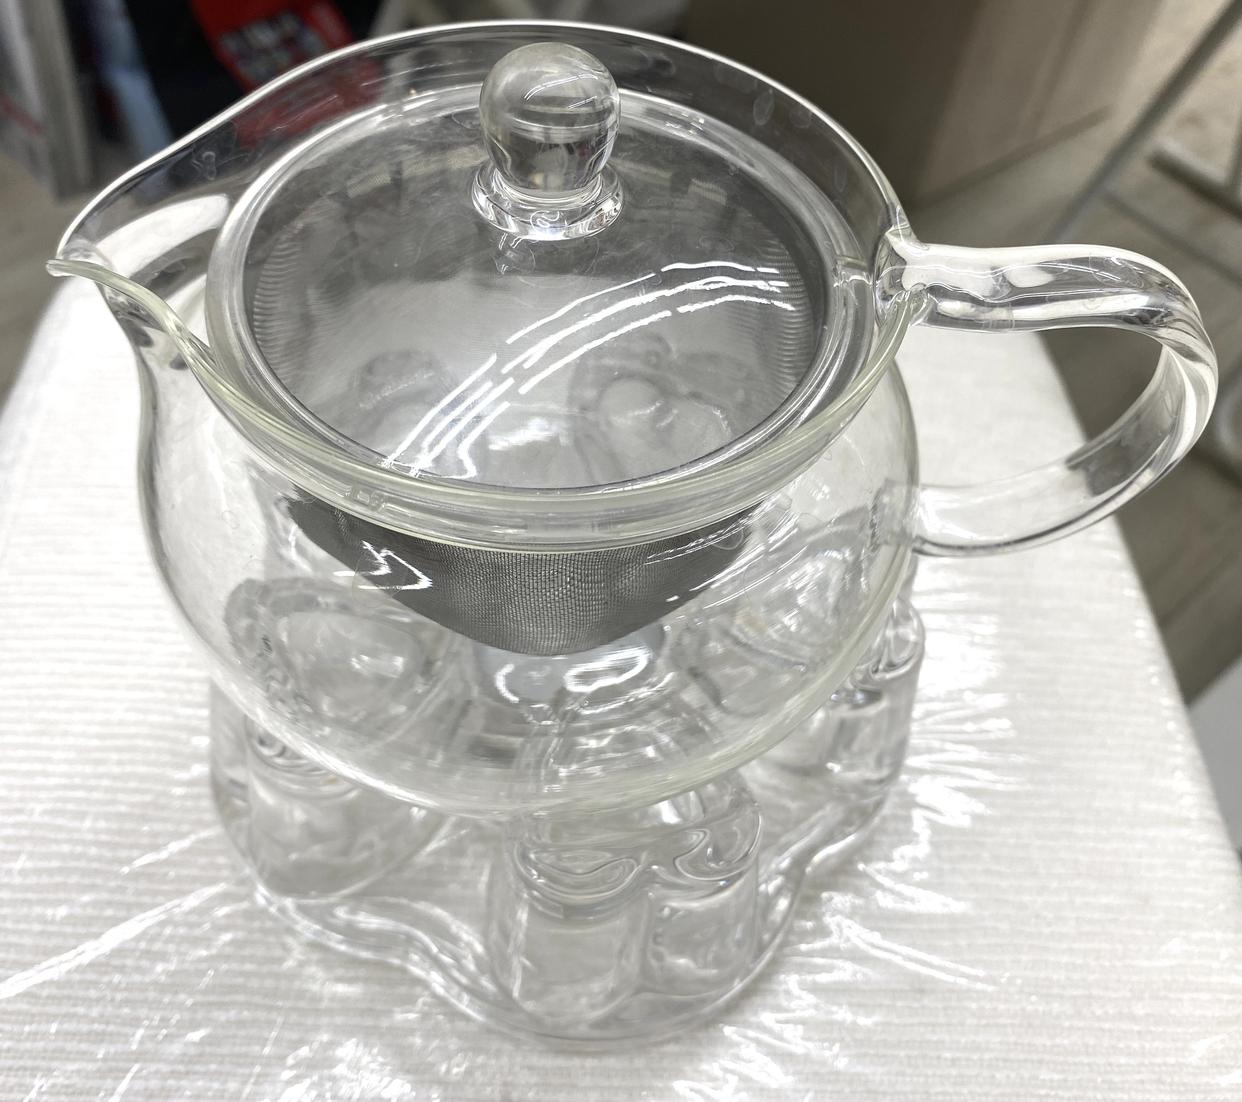 HARIO(ハリオ)茶茶急須 丸 CHJMN-45T クリアを使った凛さんのクチコミ画像1